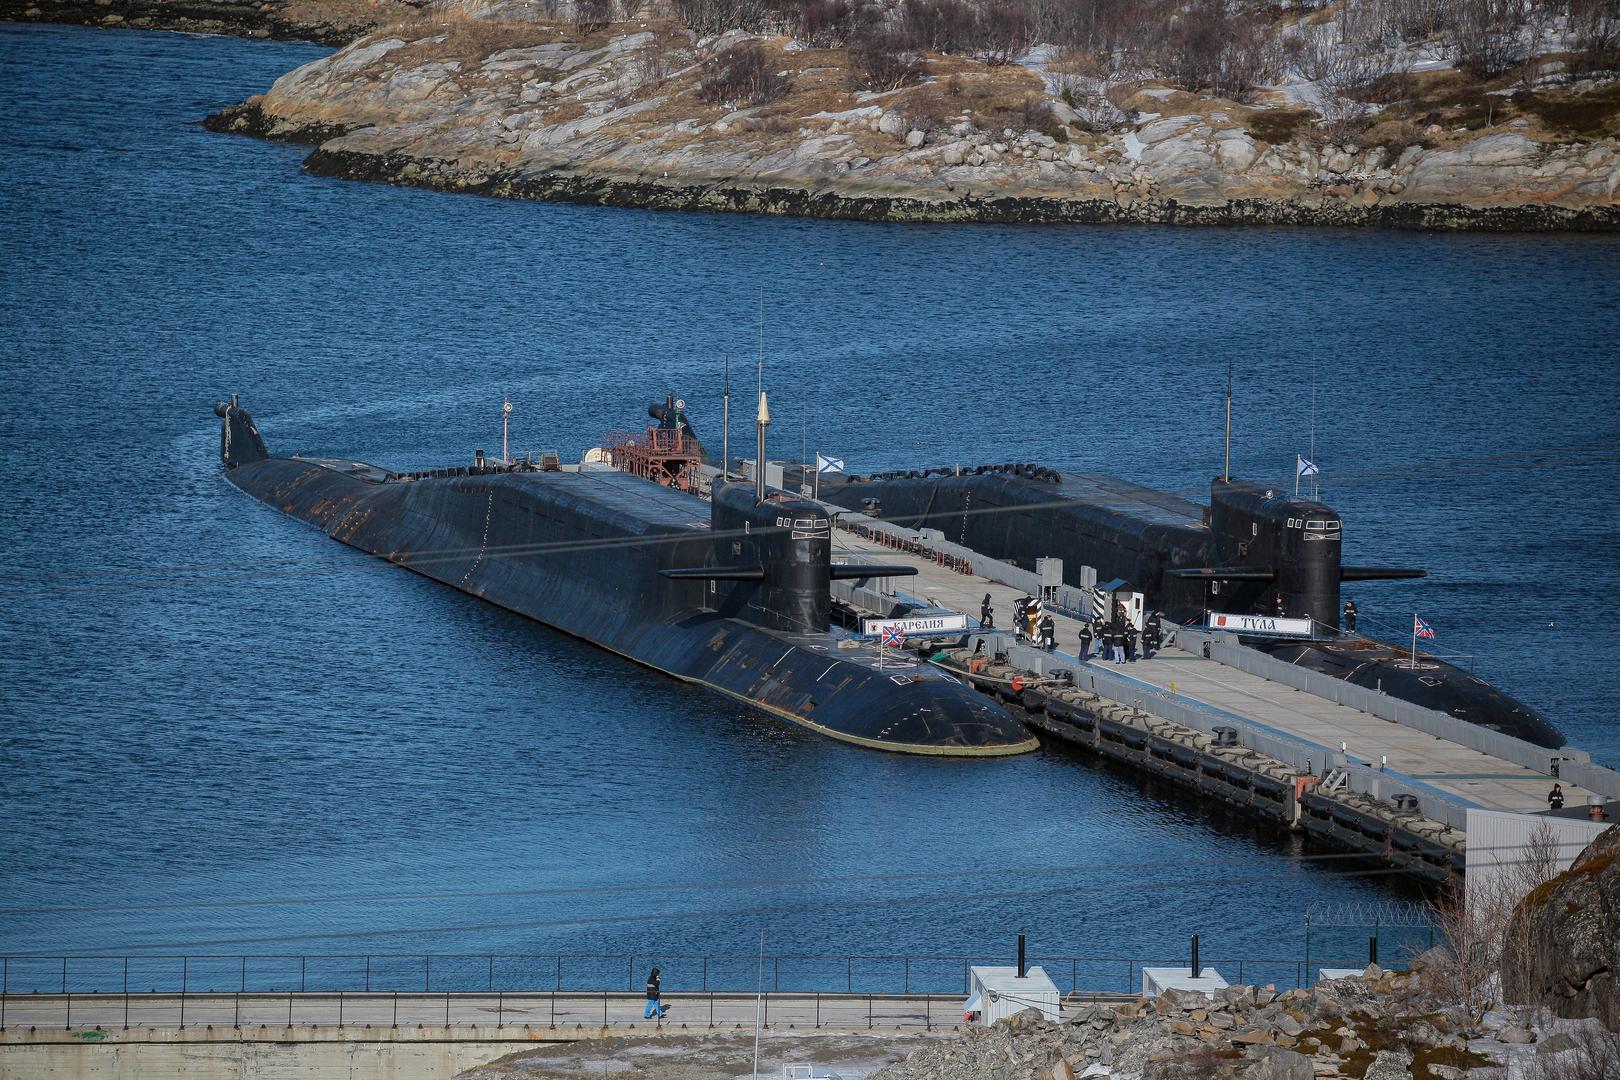 مناورات لغواصات روسية على عمق يزيد عن 500 متر